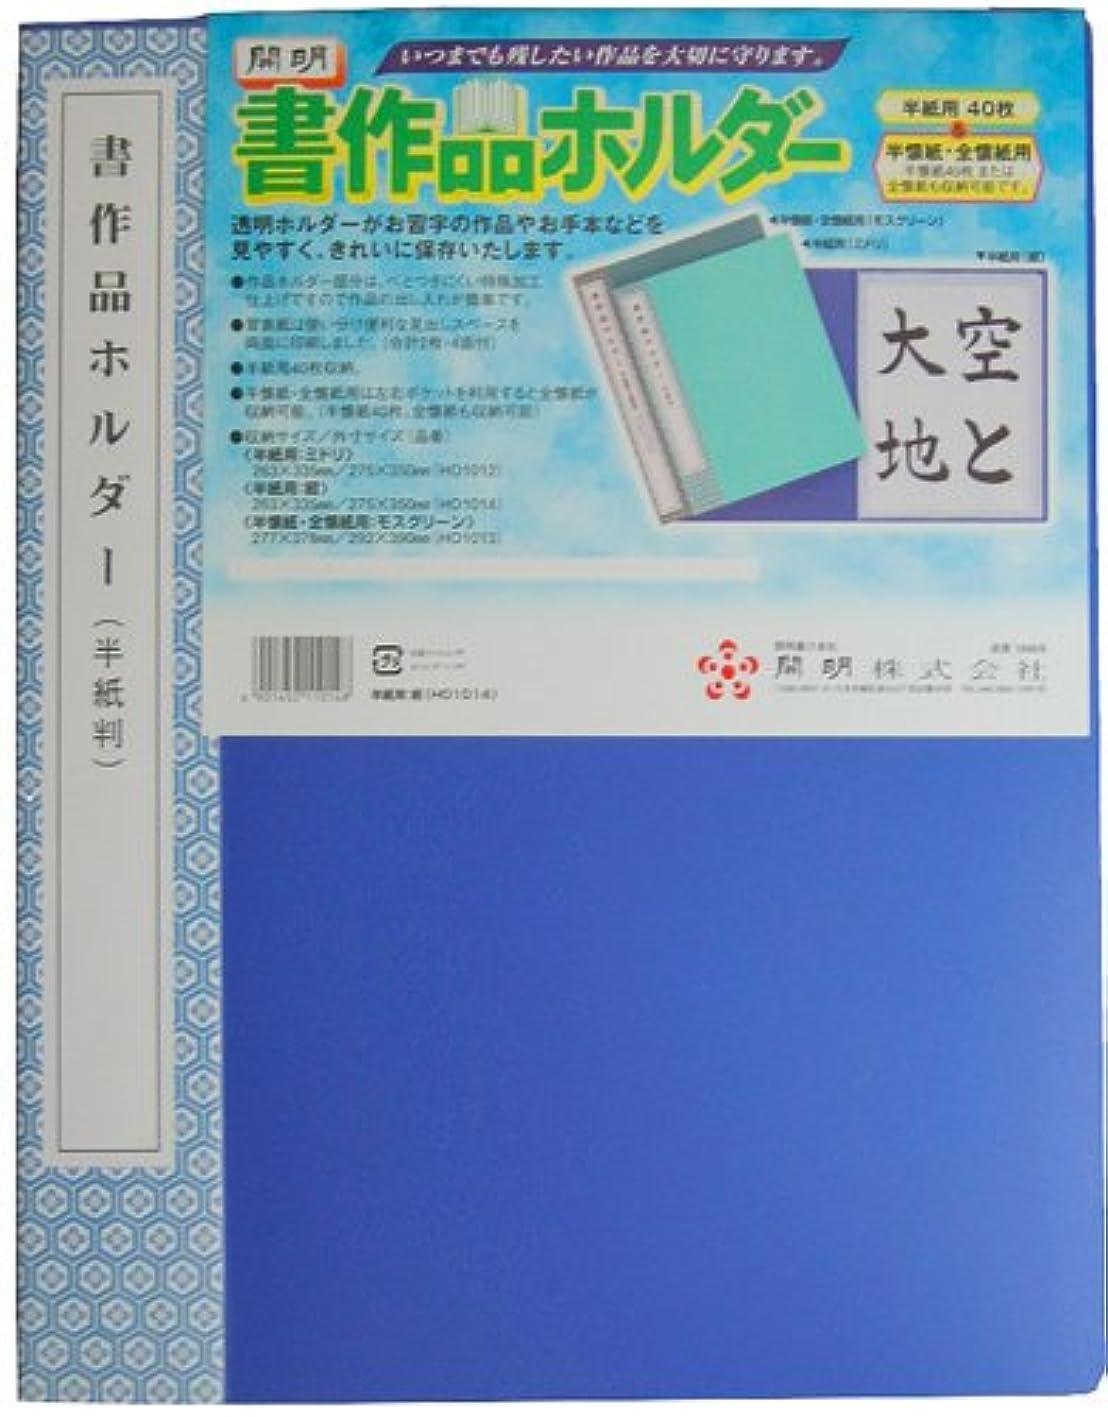 純粋に鷲浮浪者開明 書作品ホルダー 半紙用 紺 HO1014